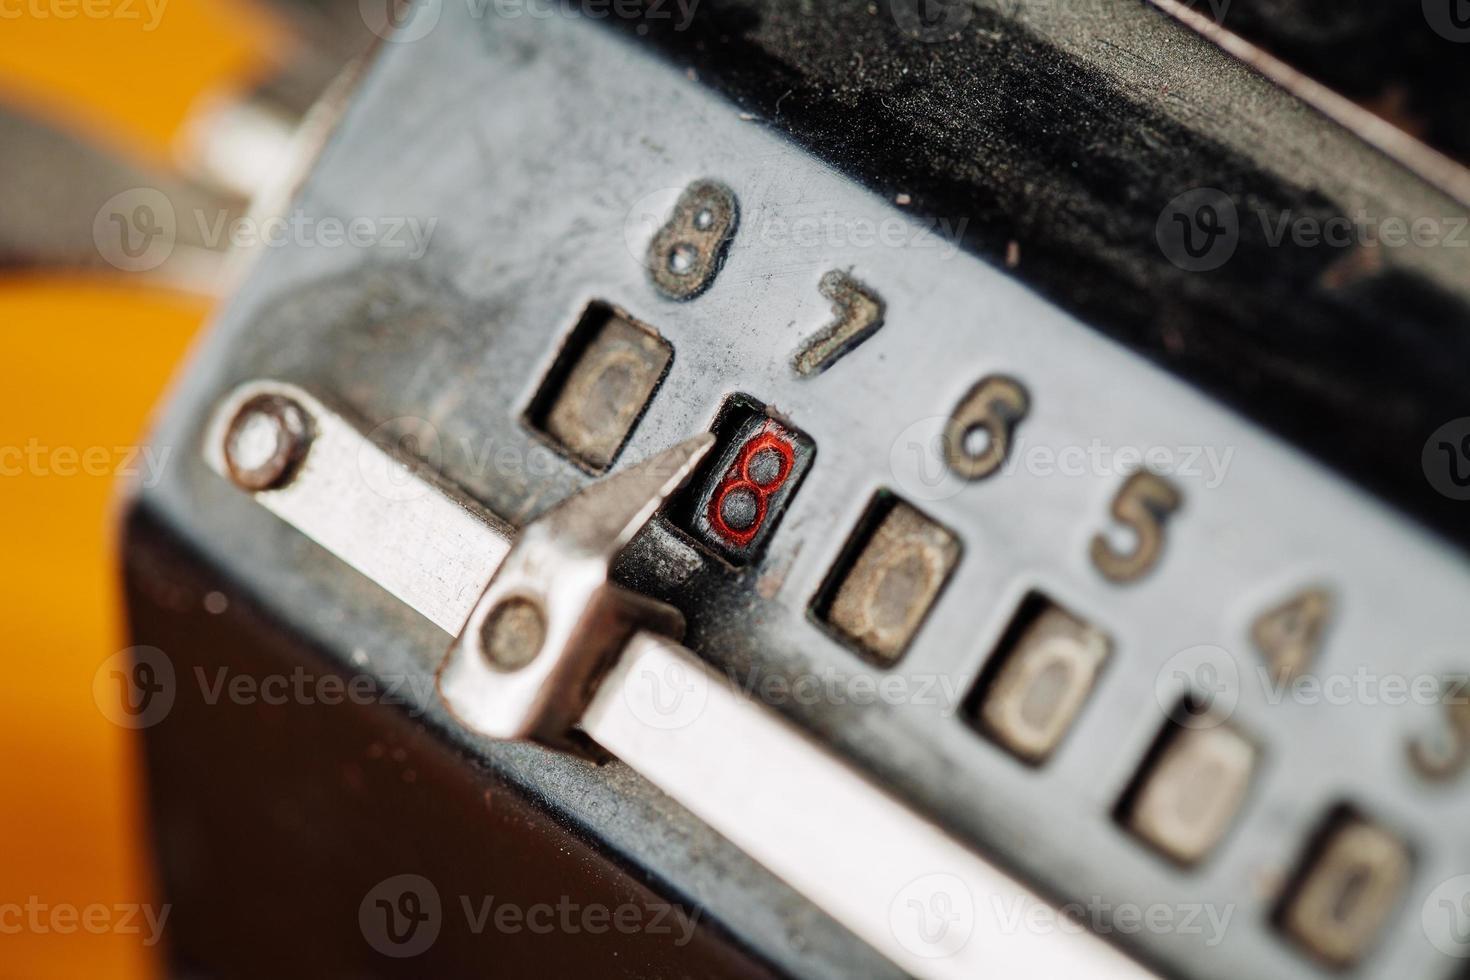 Vintage mechanische manuelle Zählmaschine für mathematische Berechnung foto